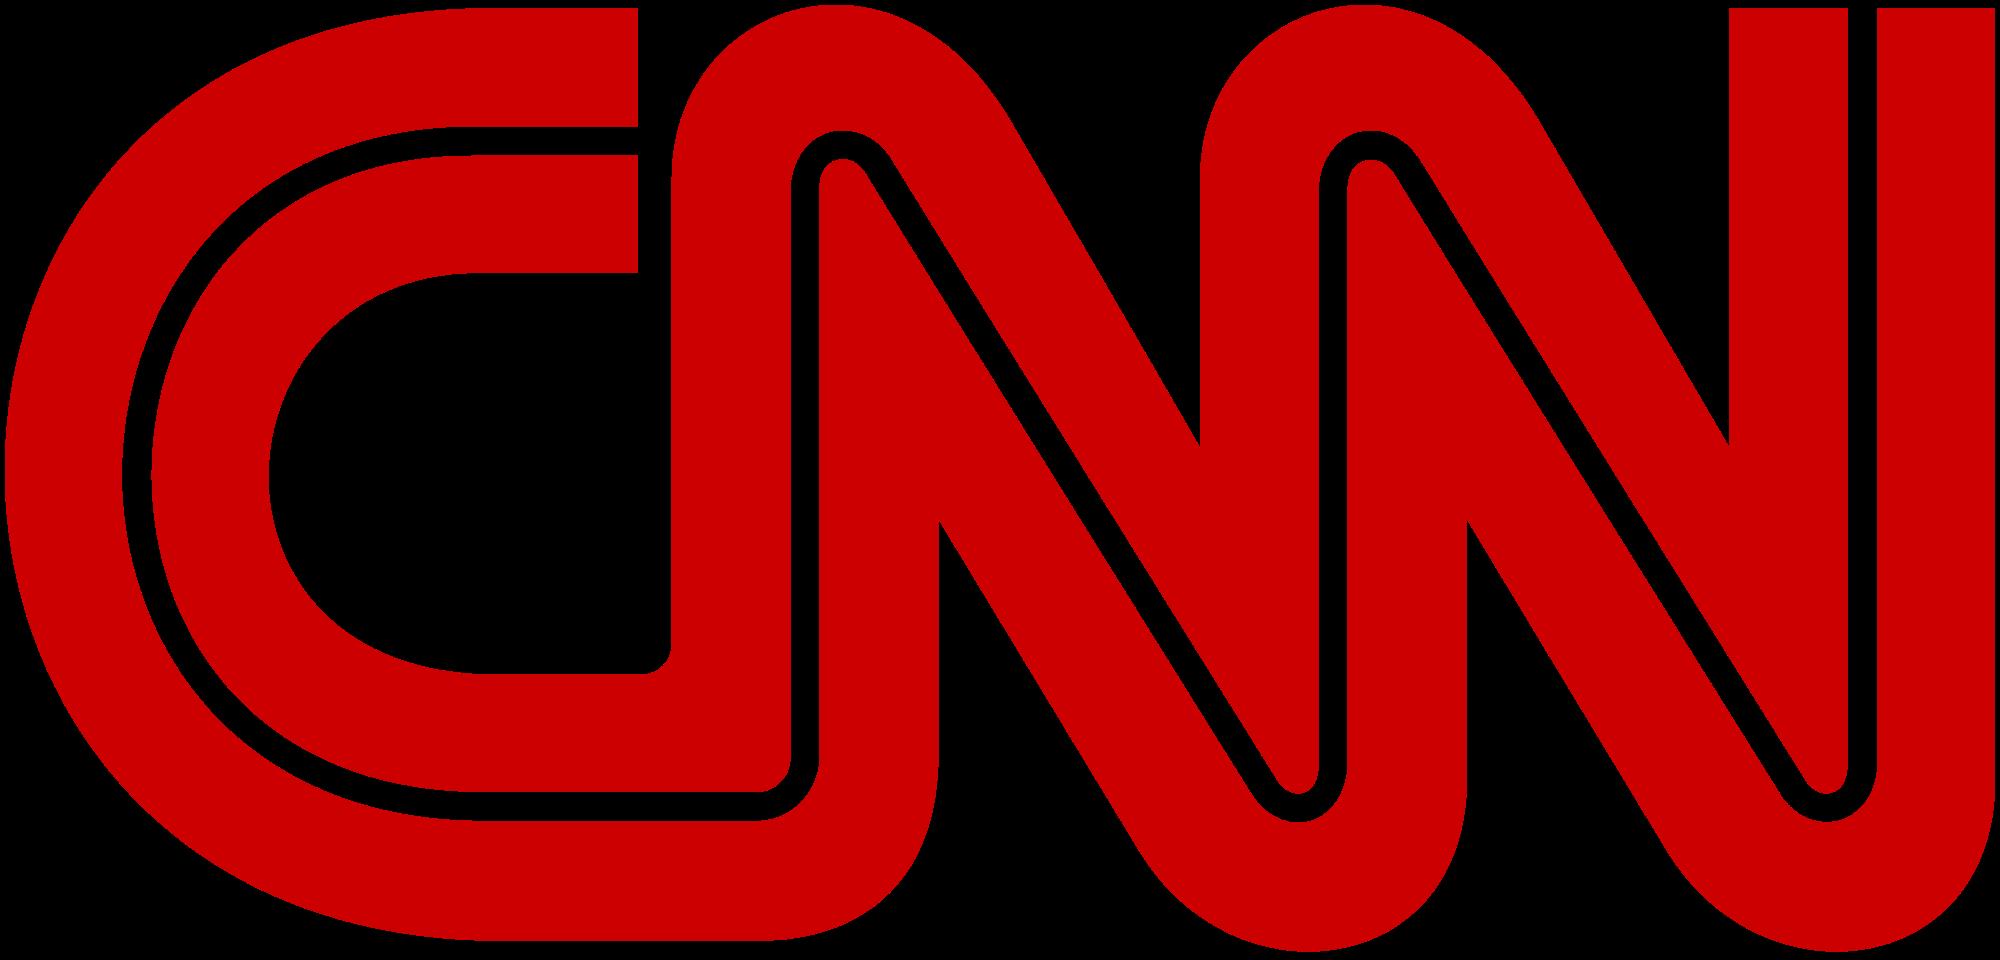 CNN LOGO new.png